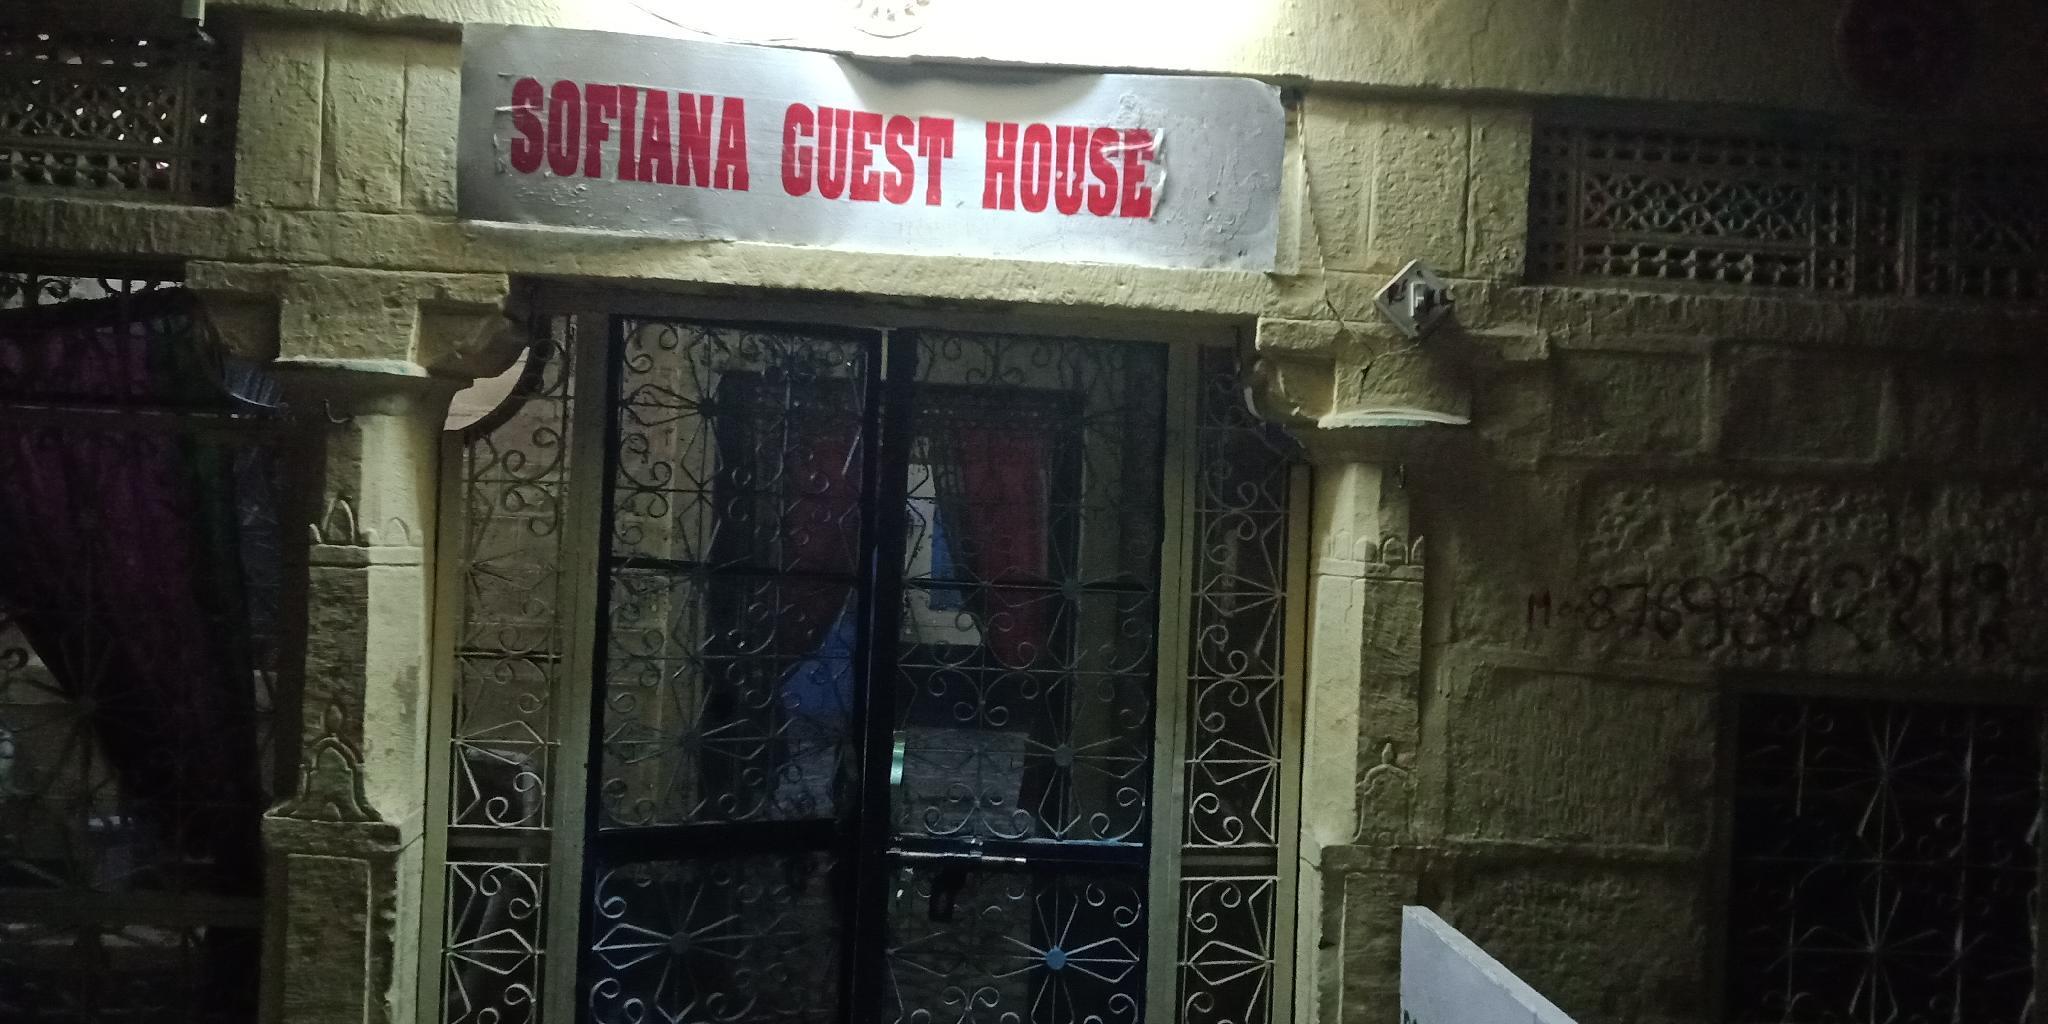 Sofiana Guest House